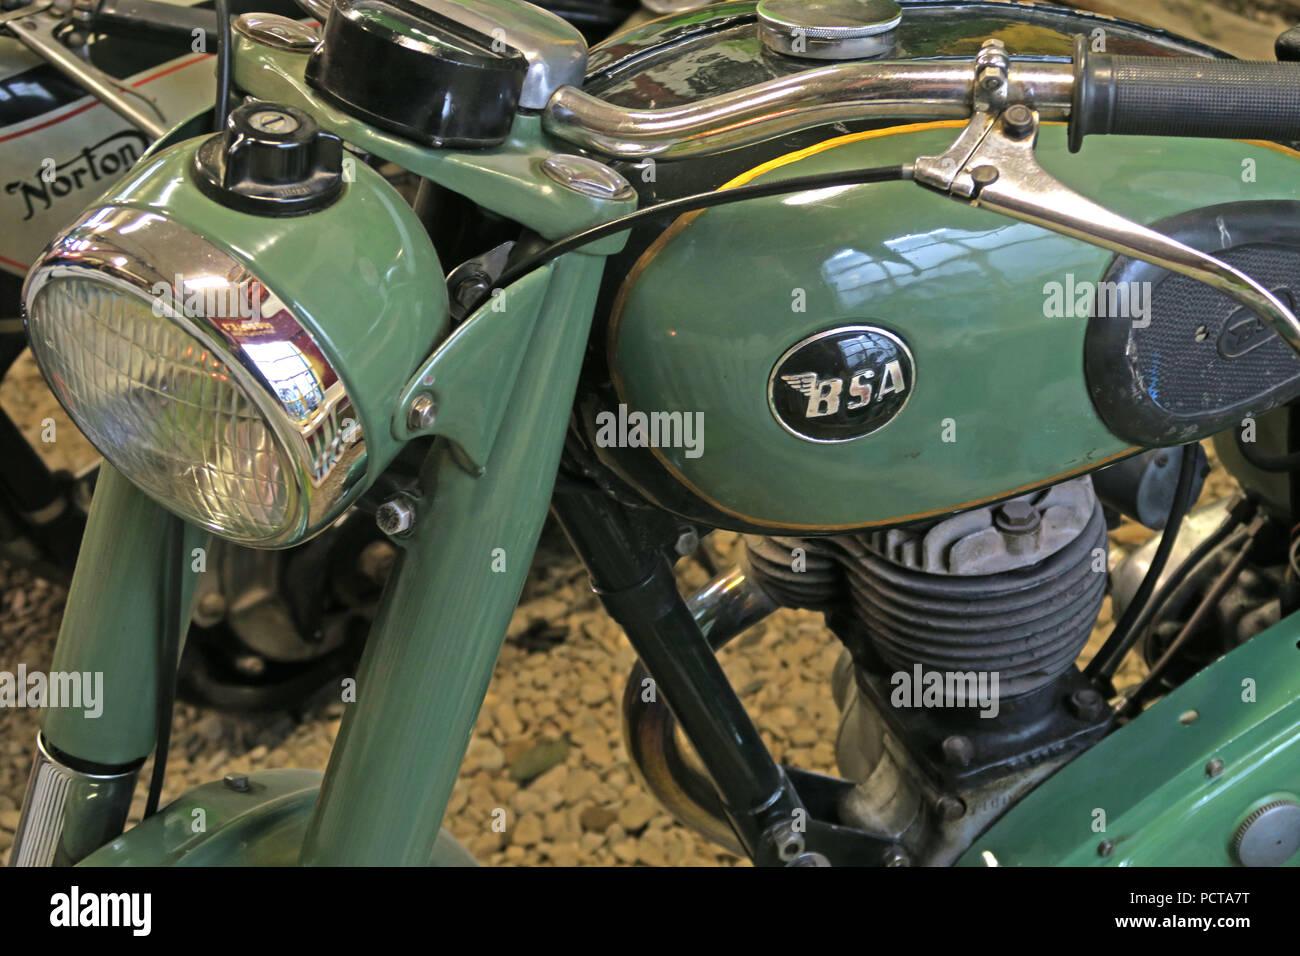 GoTonySmith,@HotpixUK,old,motorbike,motocycle,motor